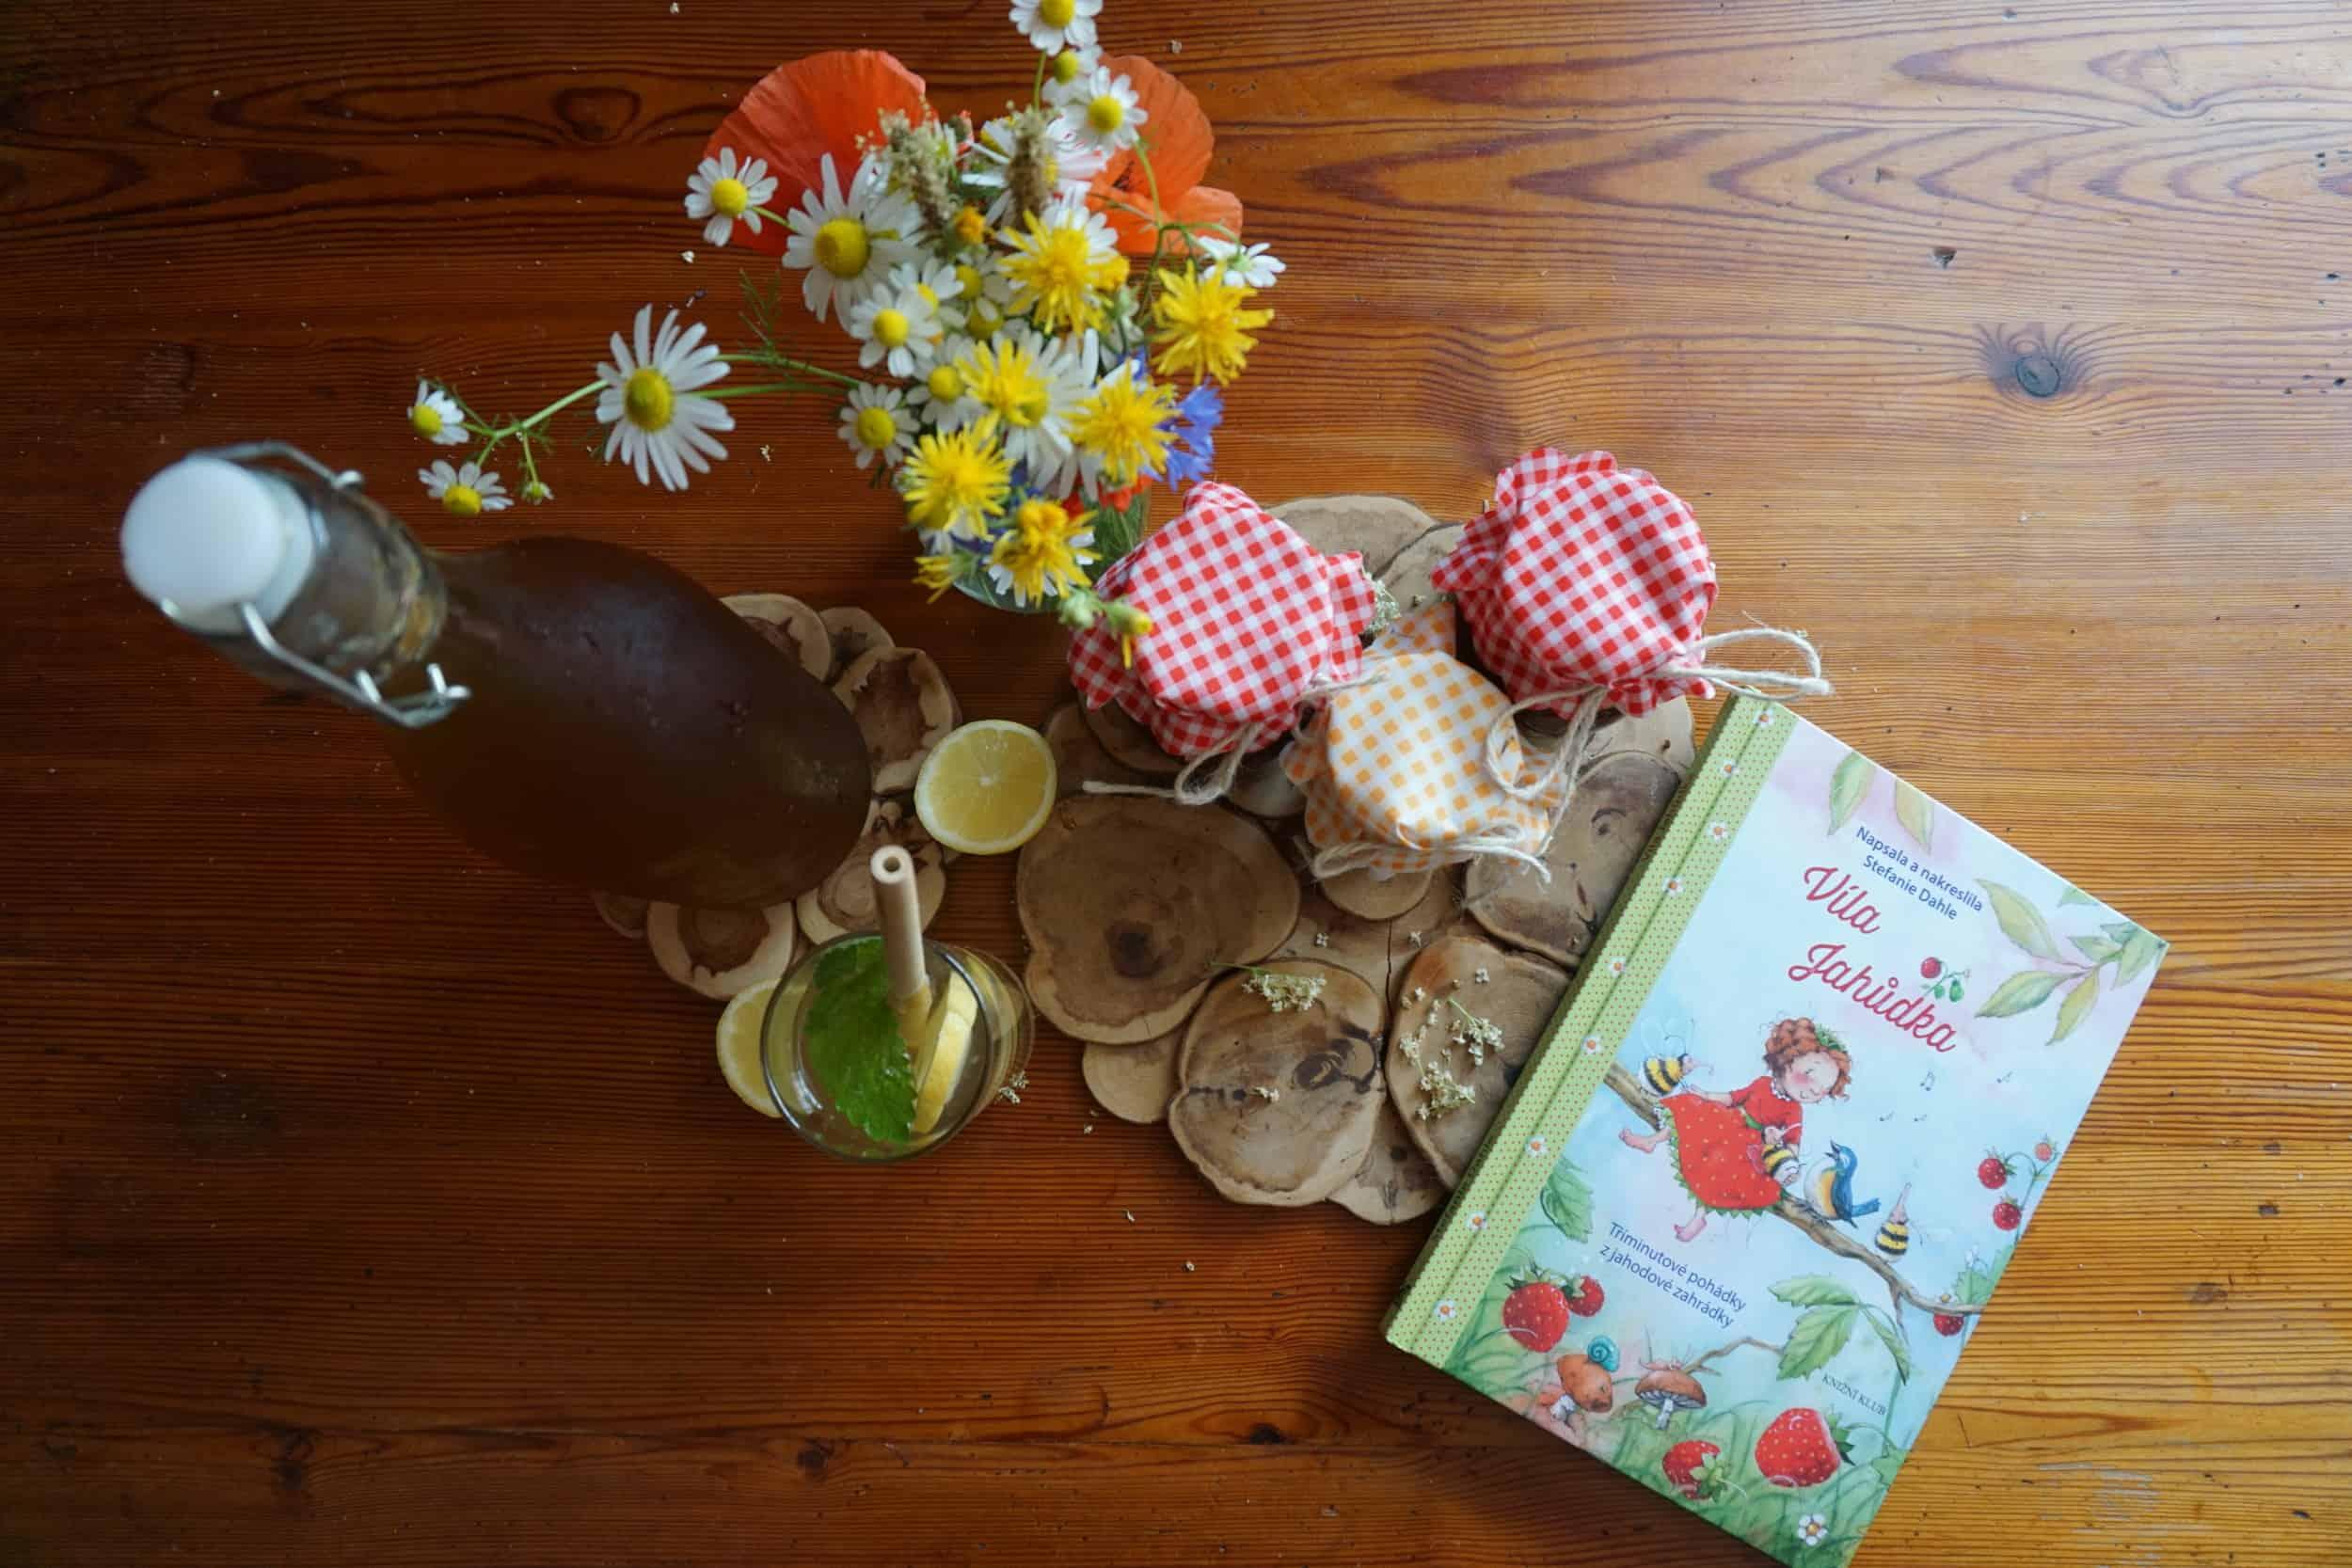 Homemade bezovka, jahodová marmeláda, lívance a Víla Jahůdka